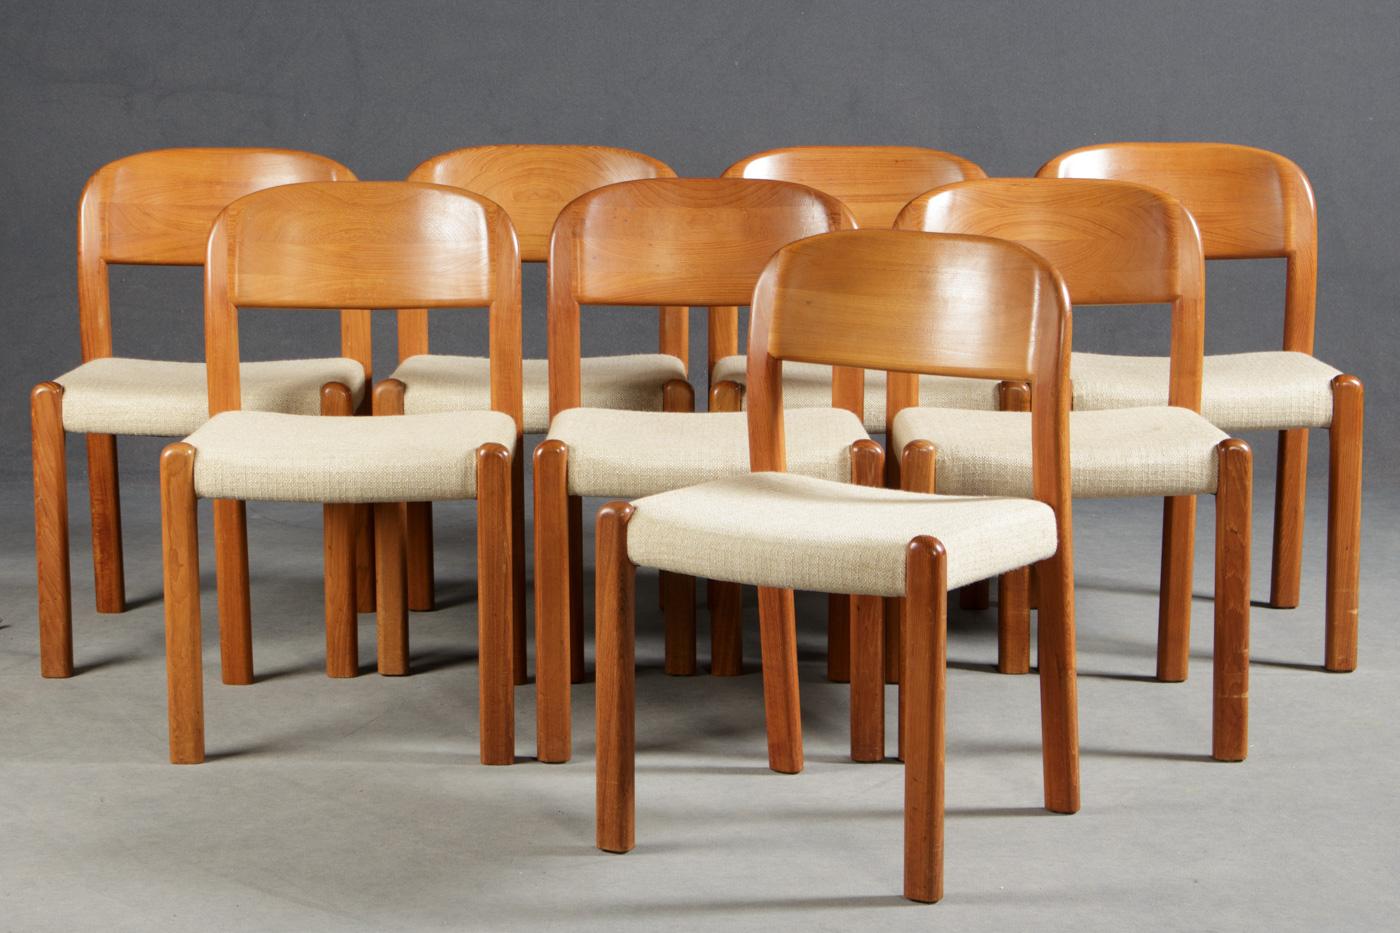 Auktionstipset - EMC Stühle (8), Teakholz/Stoff, EMC mobler aps